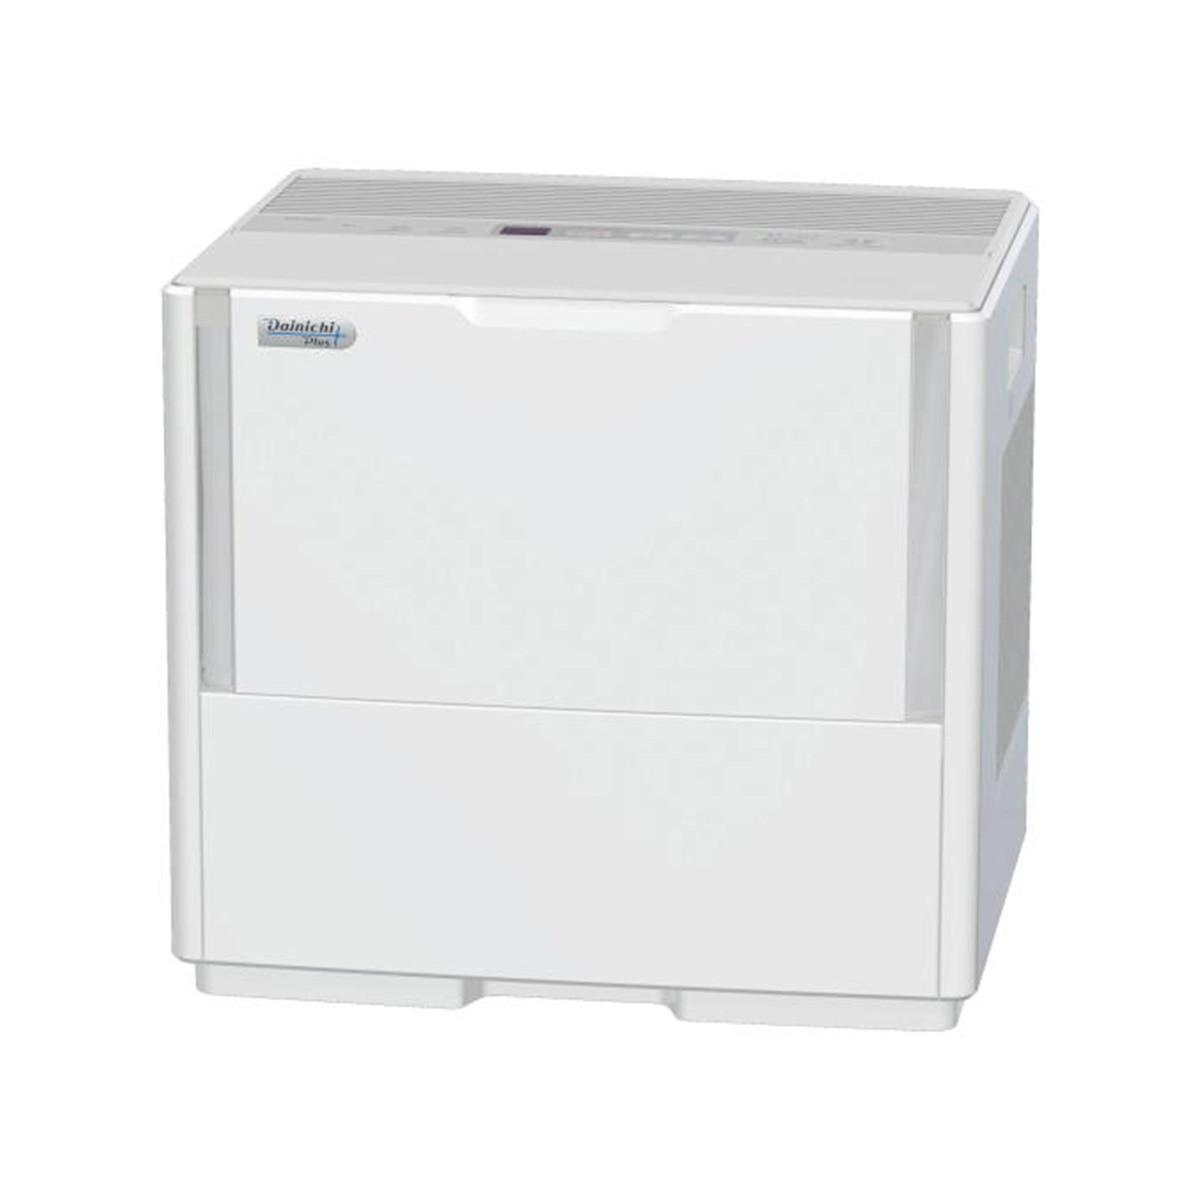 ダイニチ工業 ハイブリッド式加湿器(プレハブ洋室42畳/木造和室25畳まで) ホワイト HD-1500F-W